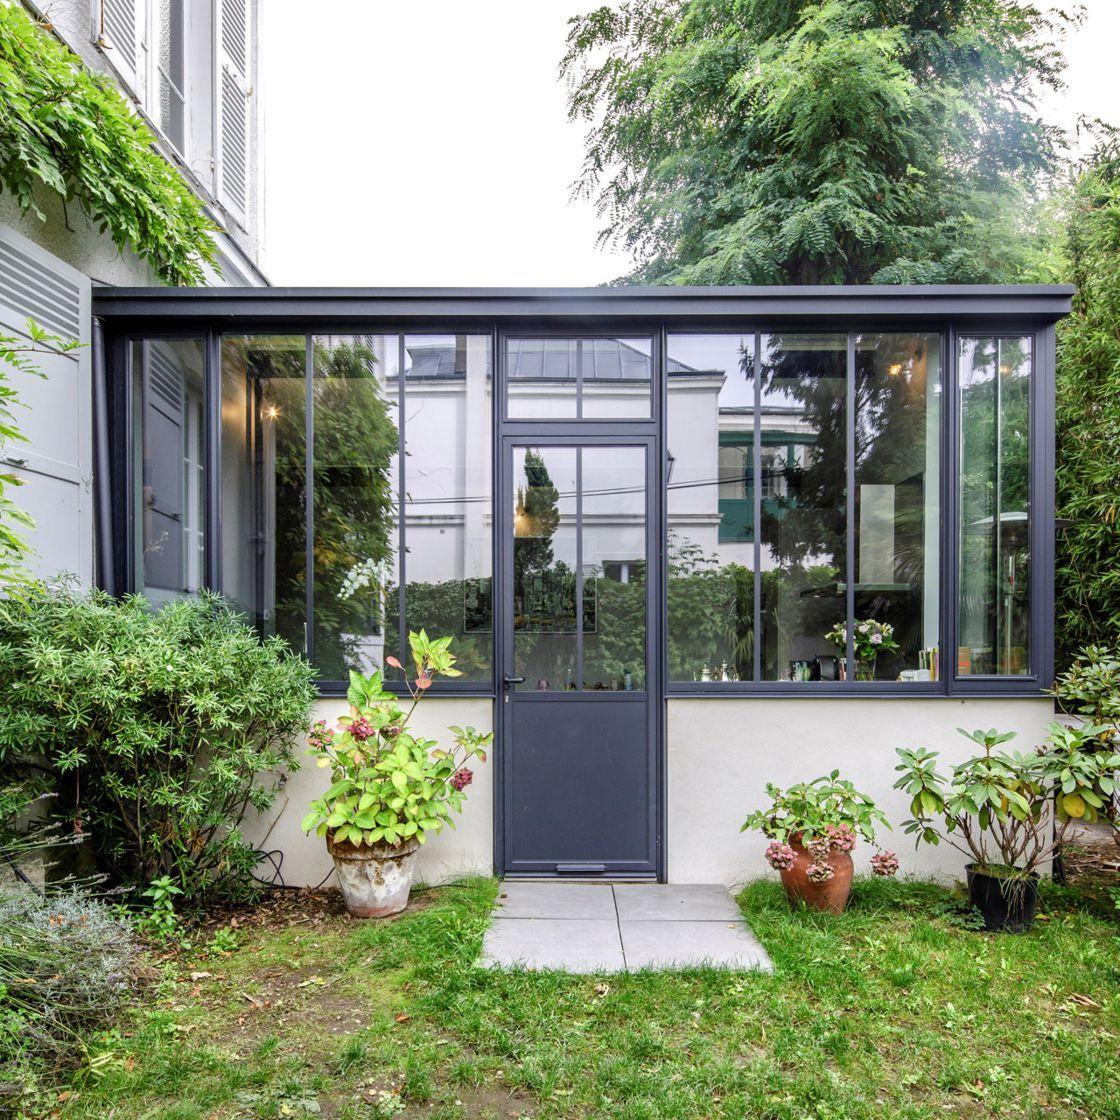 Veranda L Extension Deco De La Maison En 2020 Veranda Cuisine